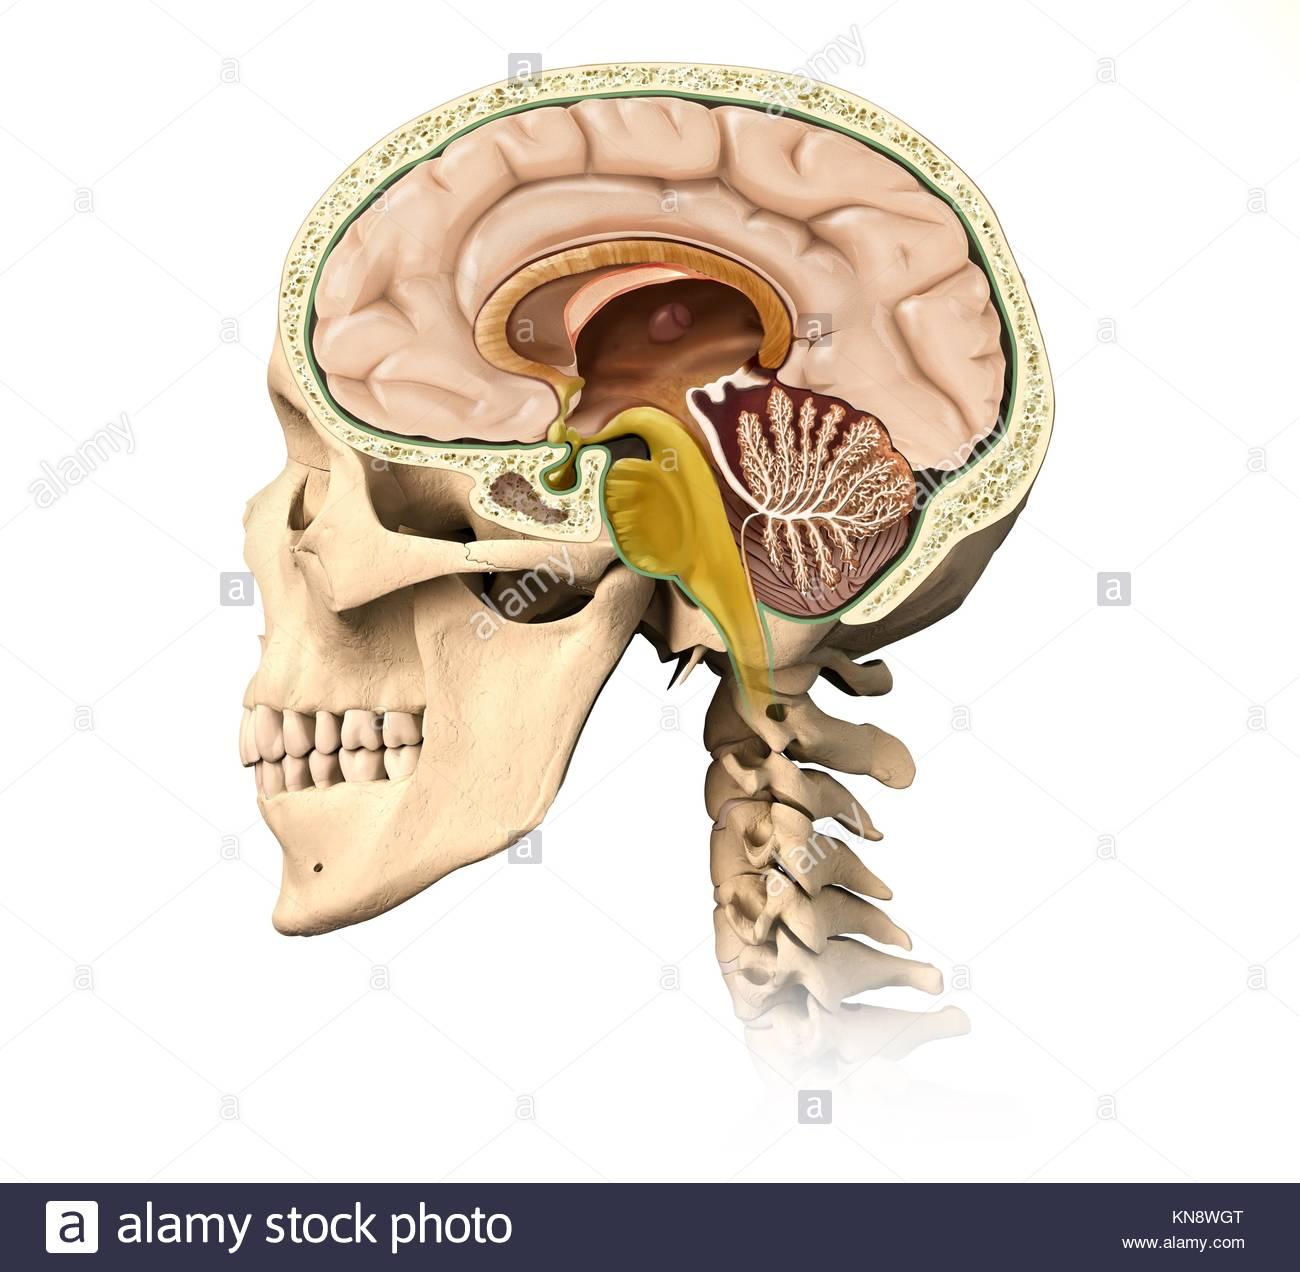 Sehr detaillierte und wissenschaftlich korrekte menschliche Gehirn ...